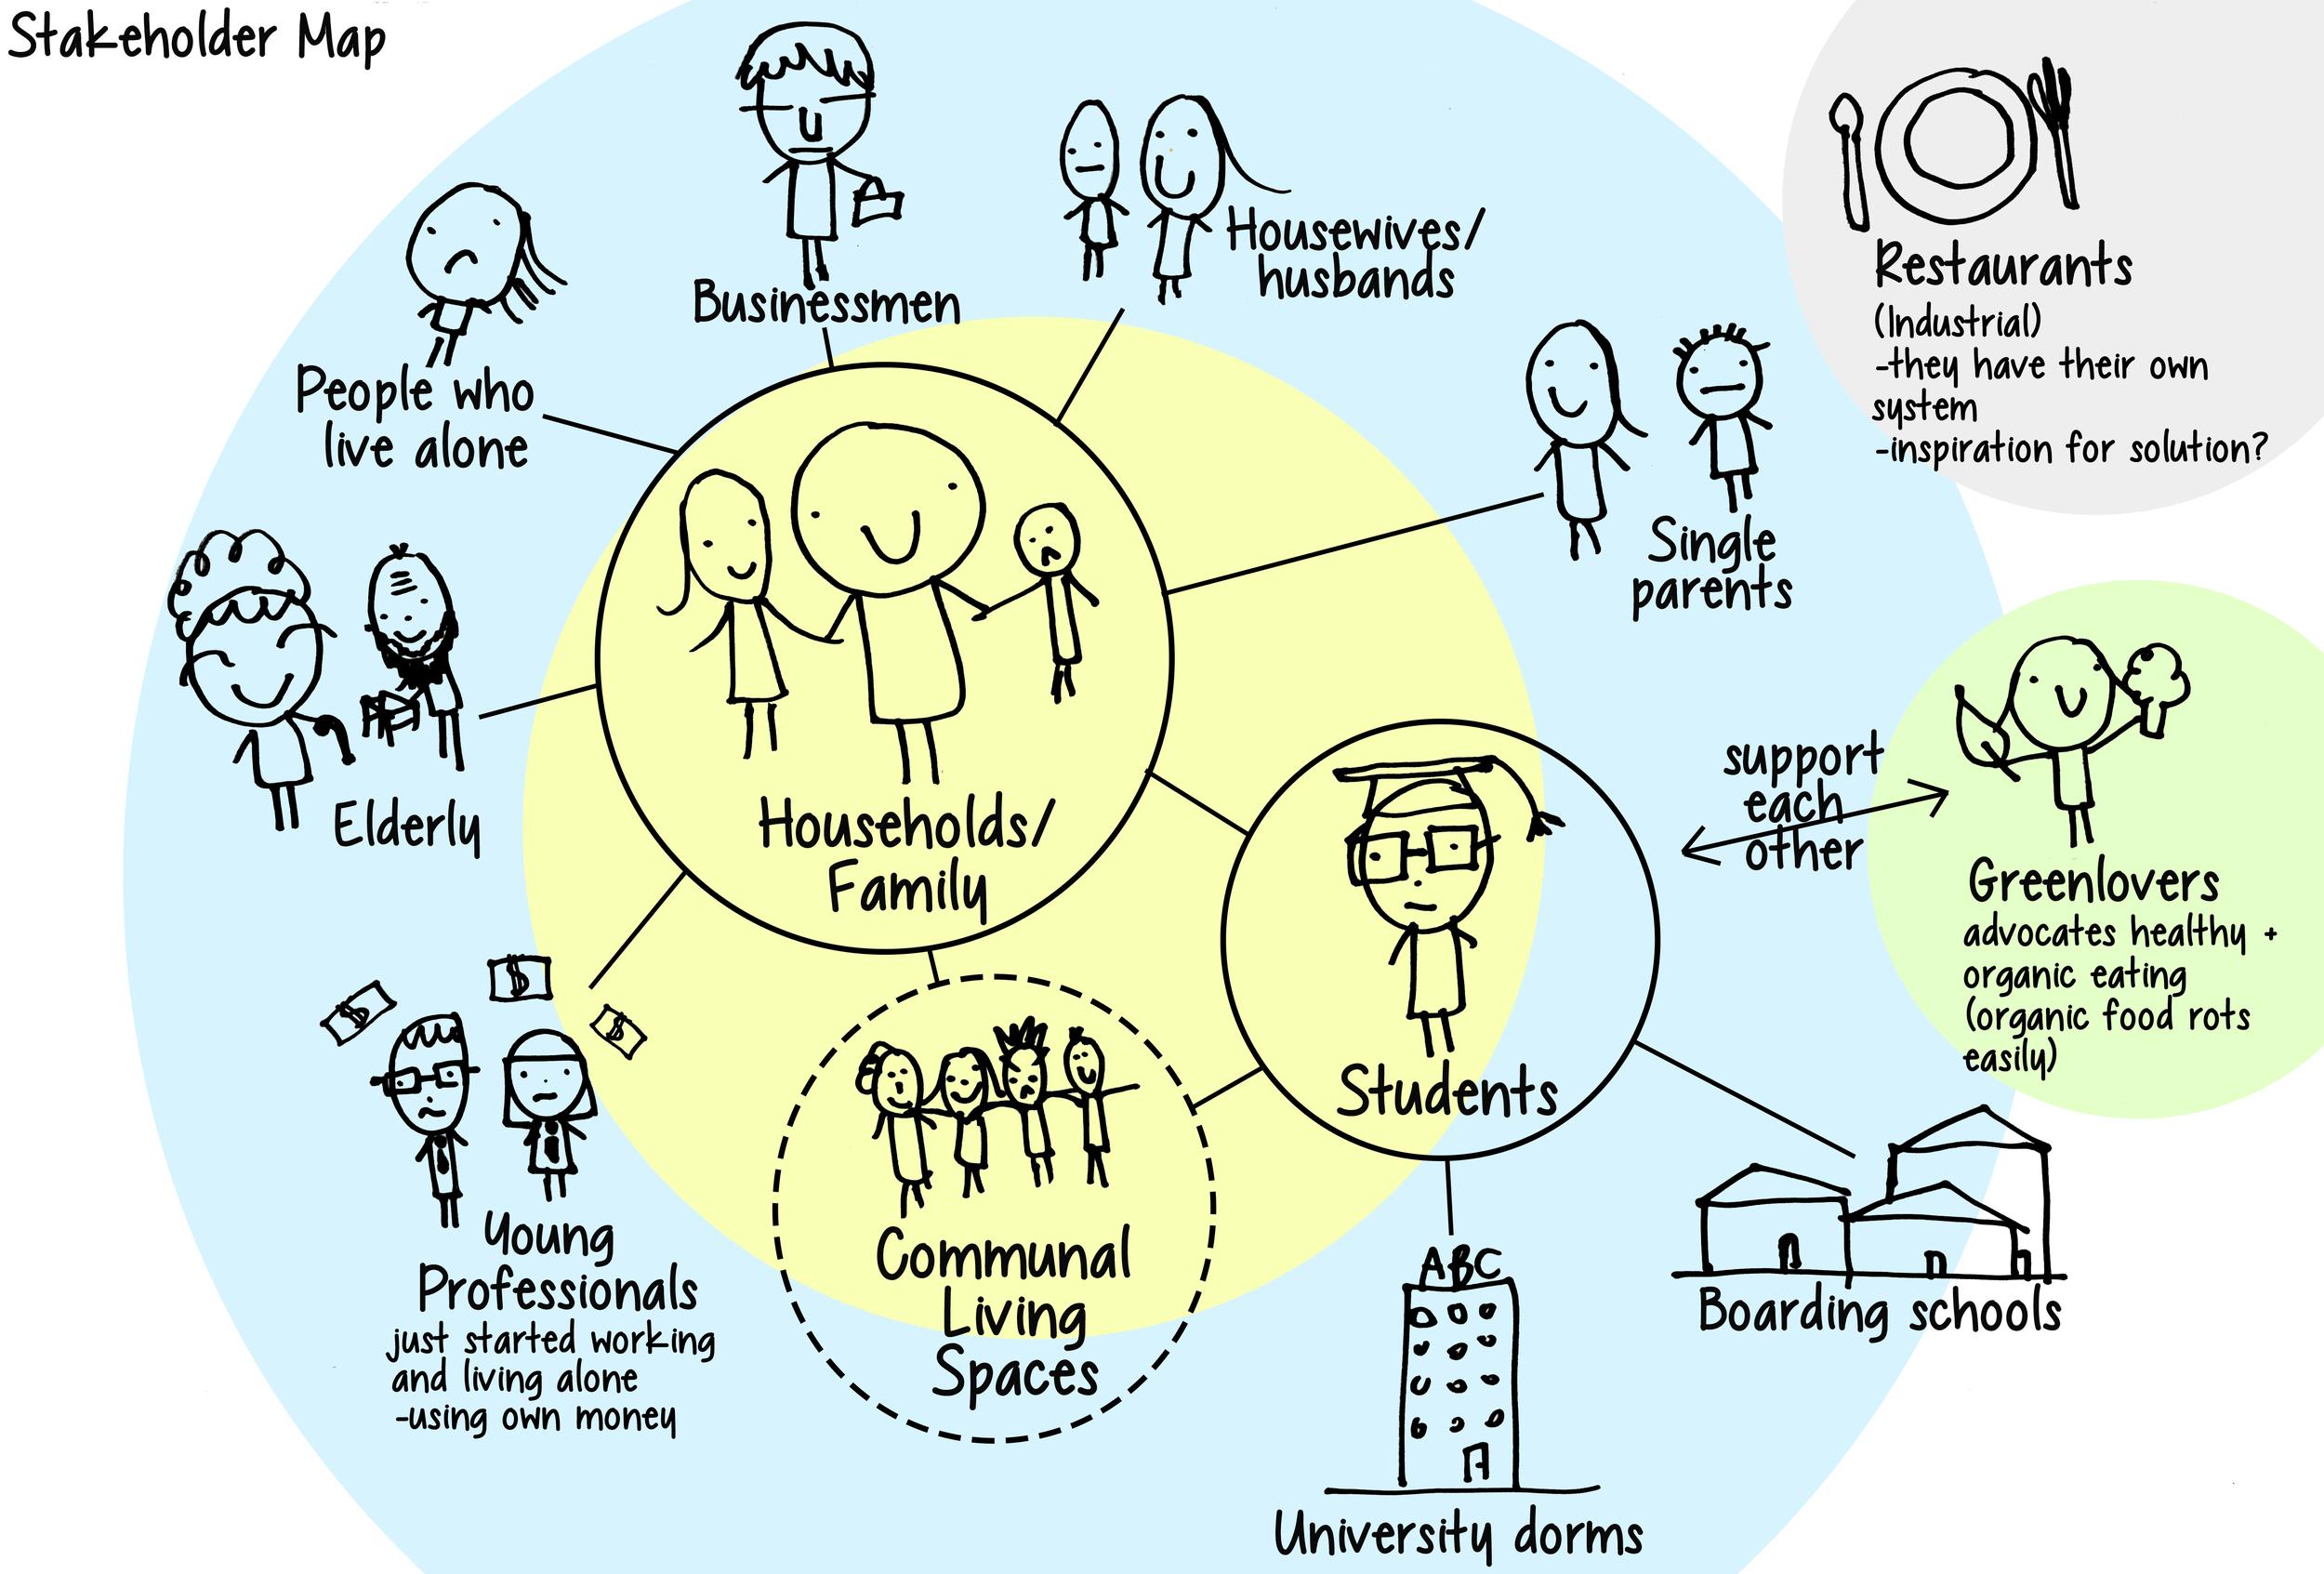 stakeholdersmap.jpg